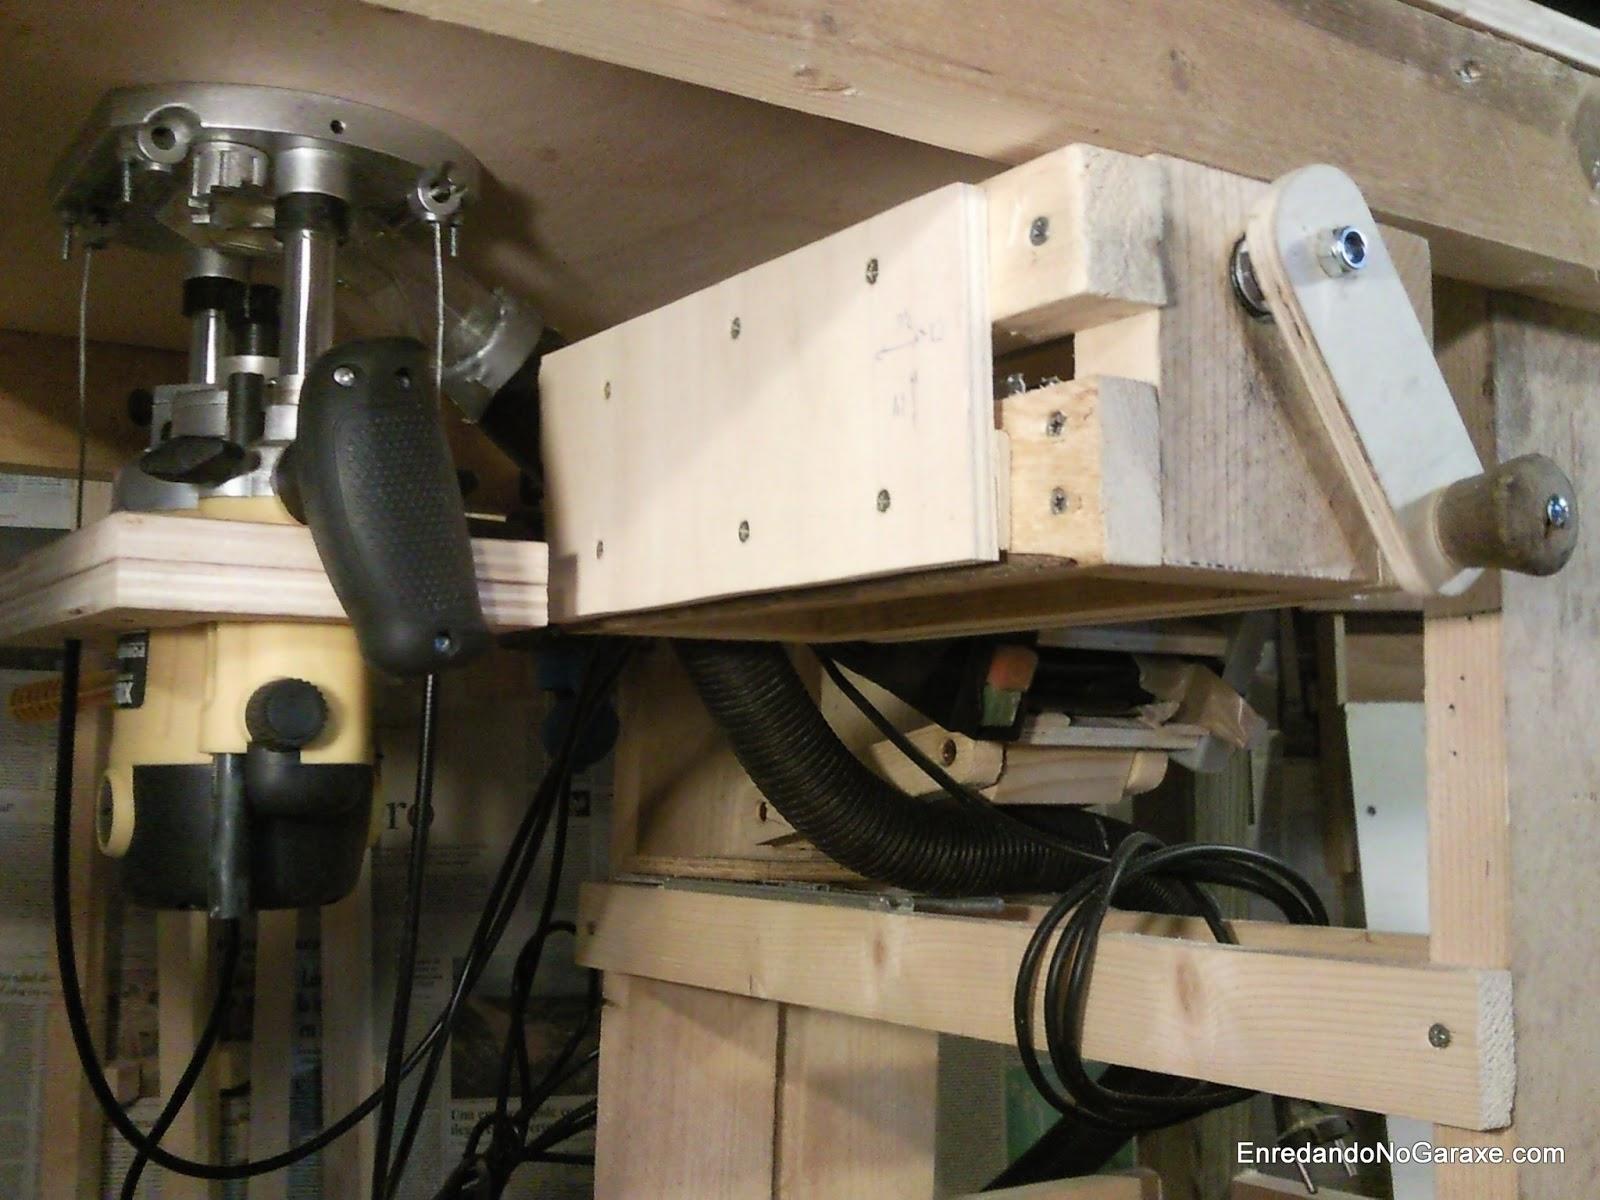 Sistema de elevación para mesa fresadora, enredandonogaraxe.com